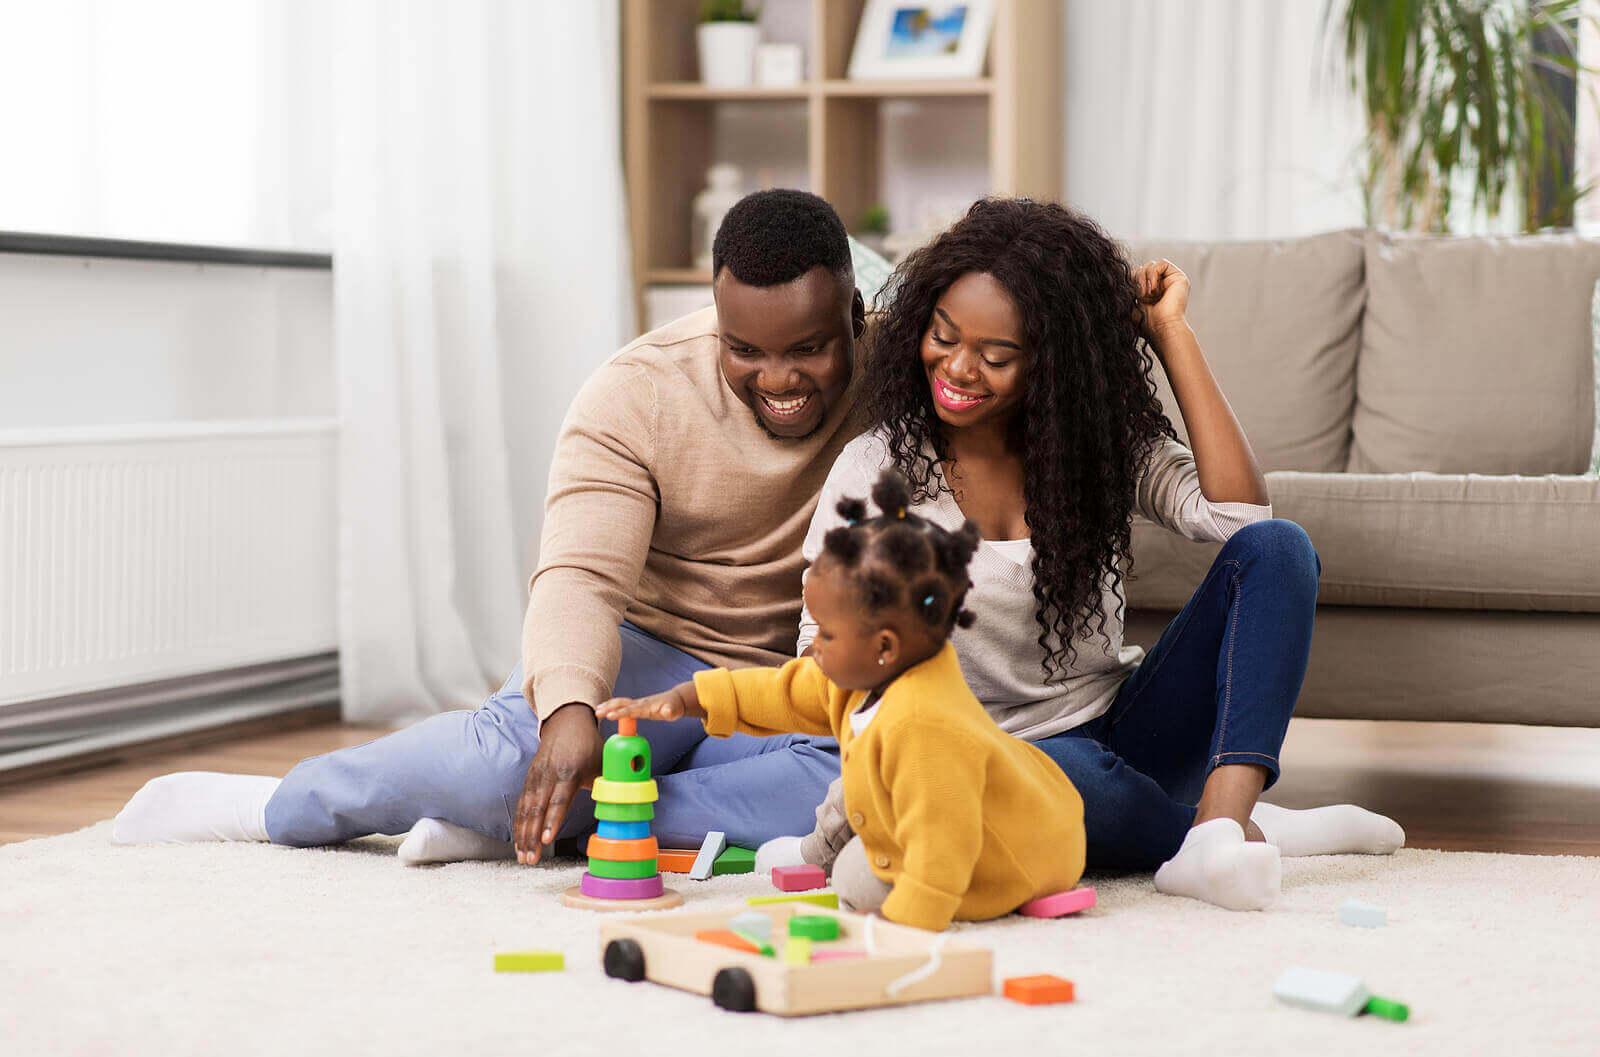 Positiiviset ja onnelliset vanhemmat opettavat lapselleen samanlaisen näkökannan elämään.